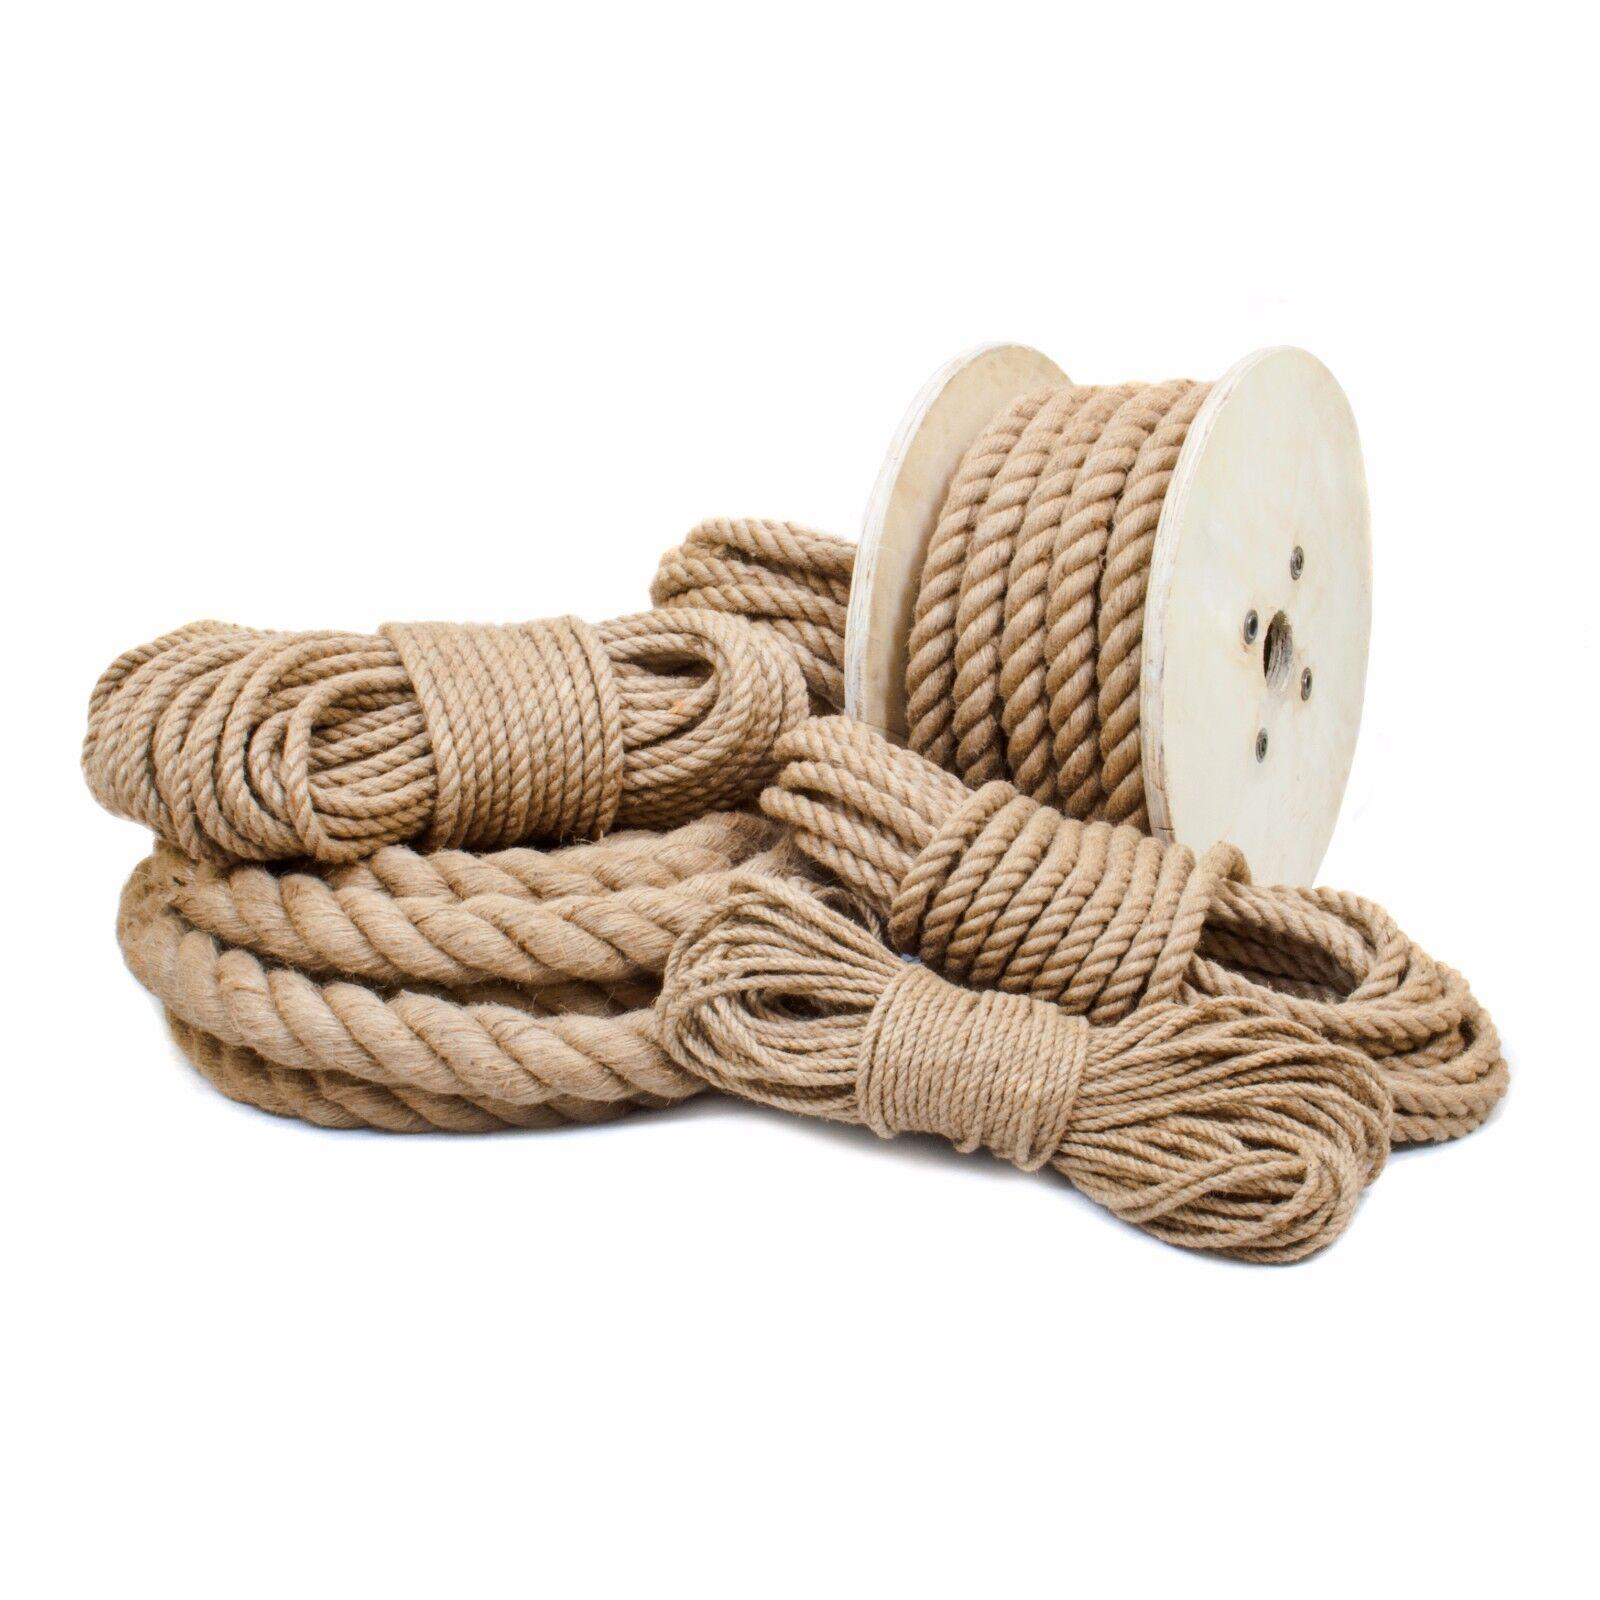 CORDE EN JUTE imprégnée natural fibre fibre naturelle entortillé trois brins